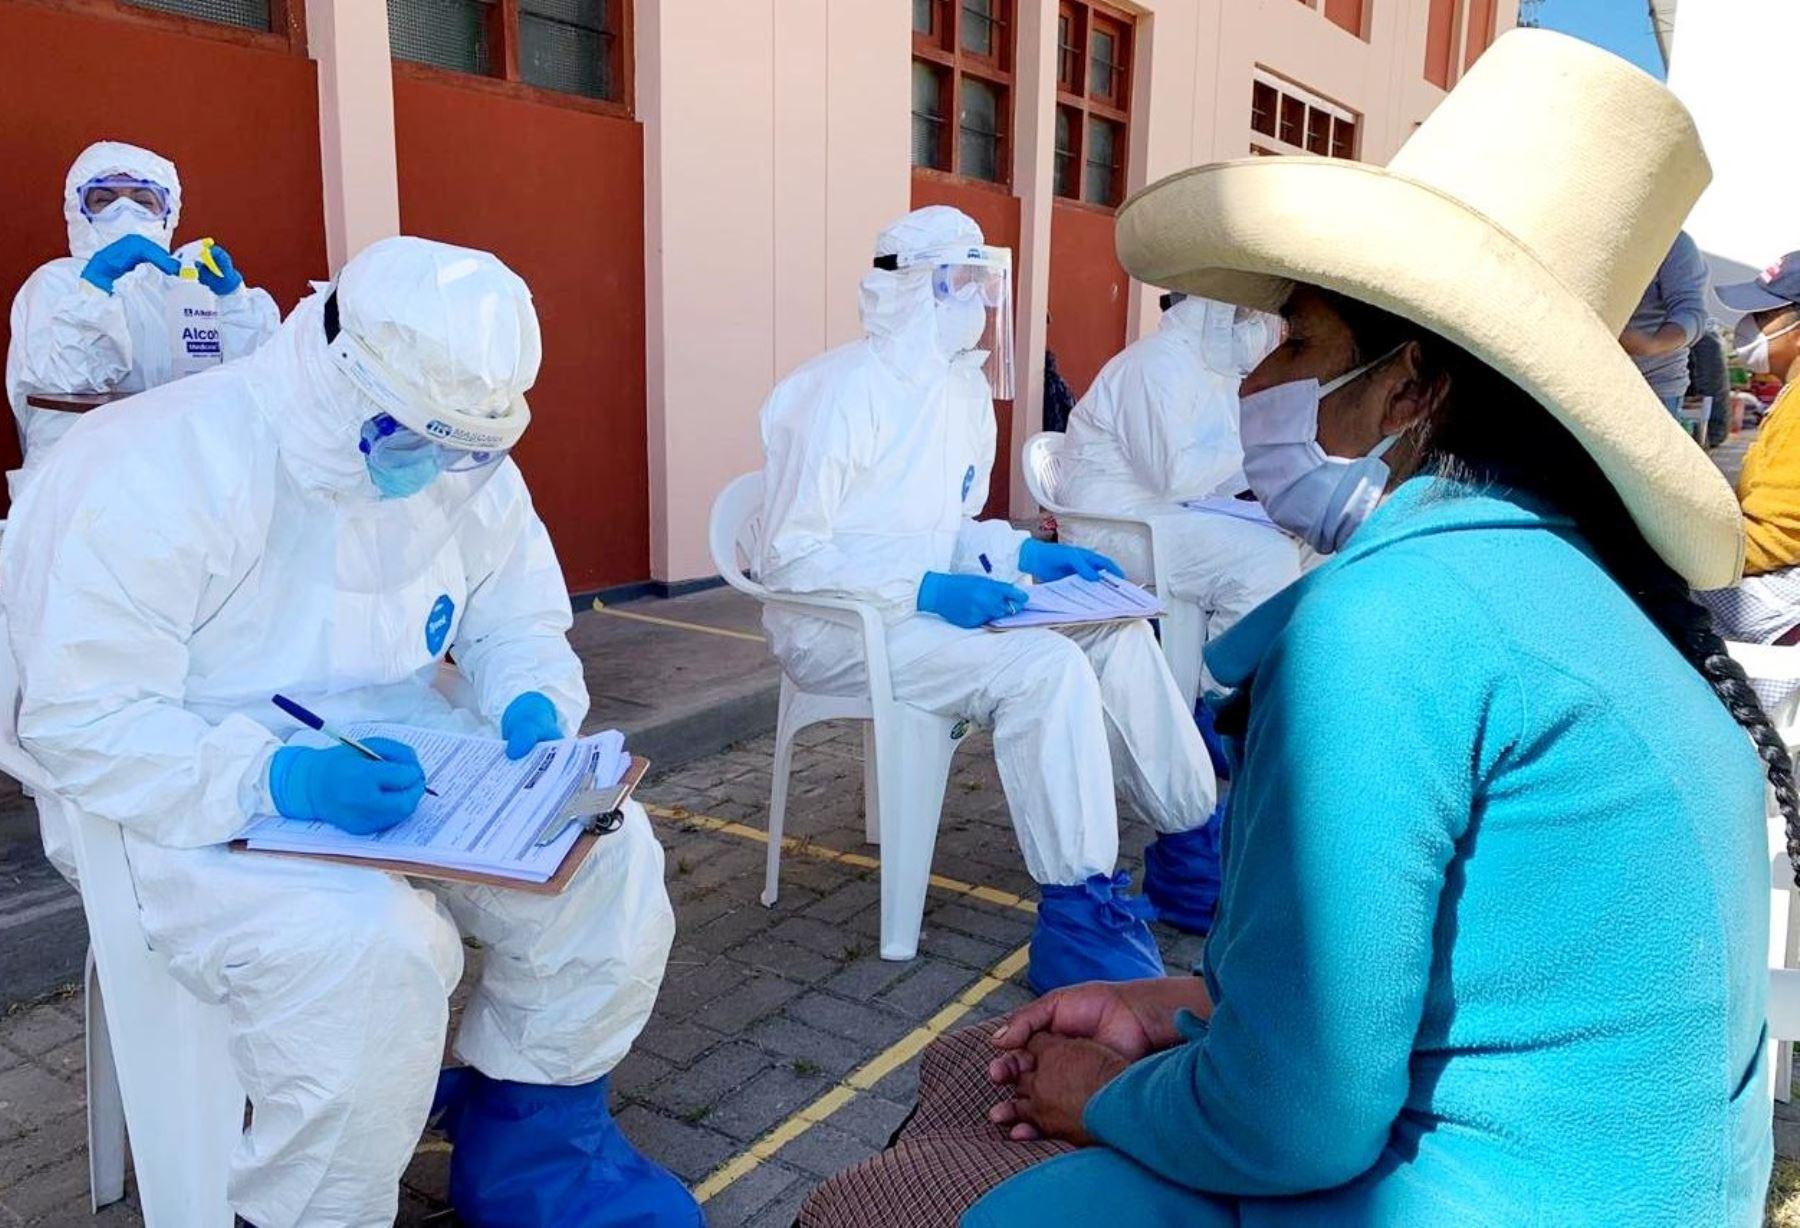 Conoce el exitoso plan que aplicó el Gobierno Regional de Cajamarca para contener la propagación de la pandemia de coronavirus en la región. Foto: Eduard Lozano